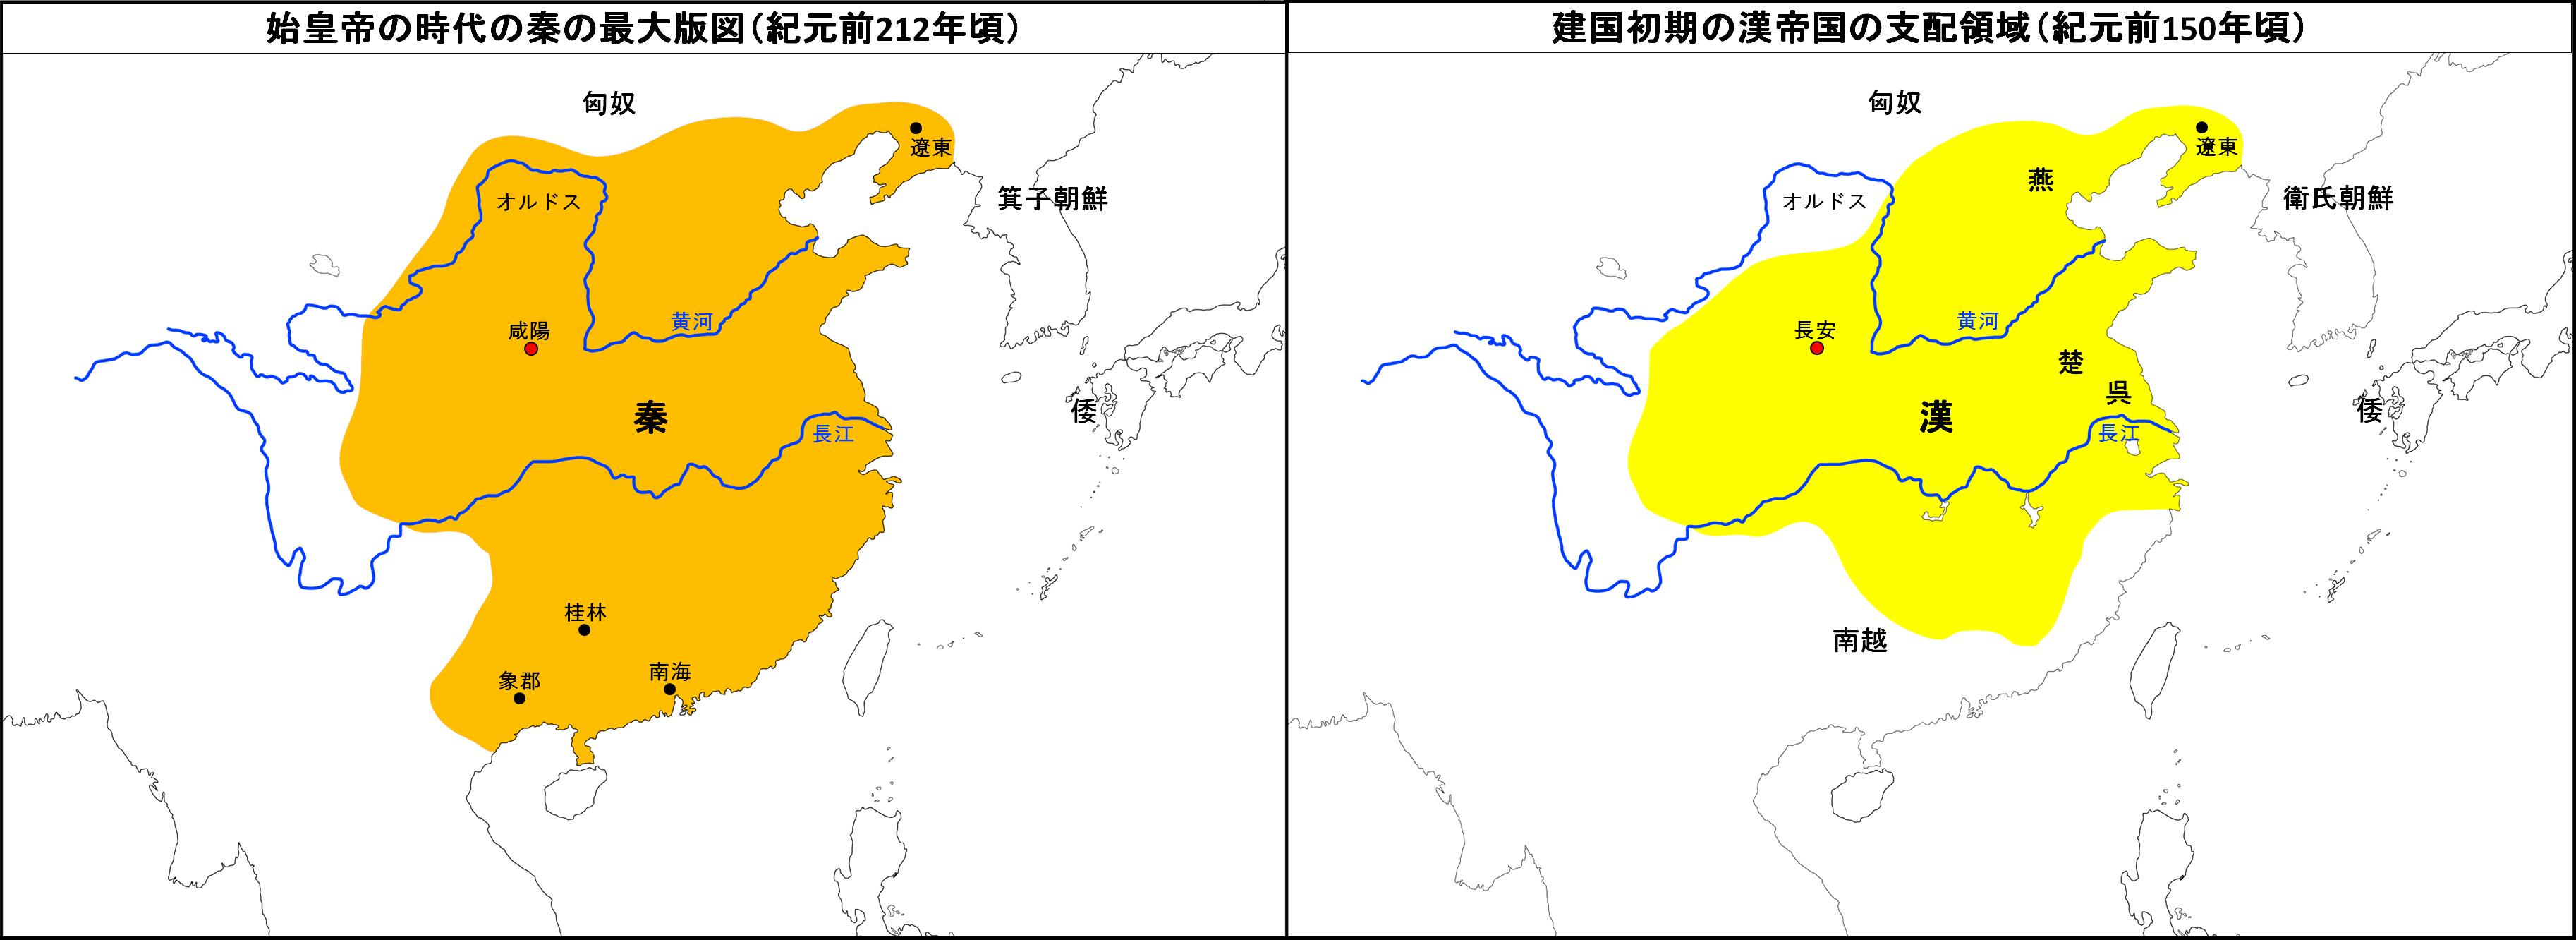 秦と漢帝国はどちらの方がどのく...